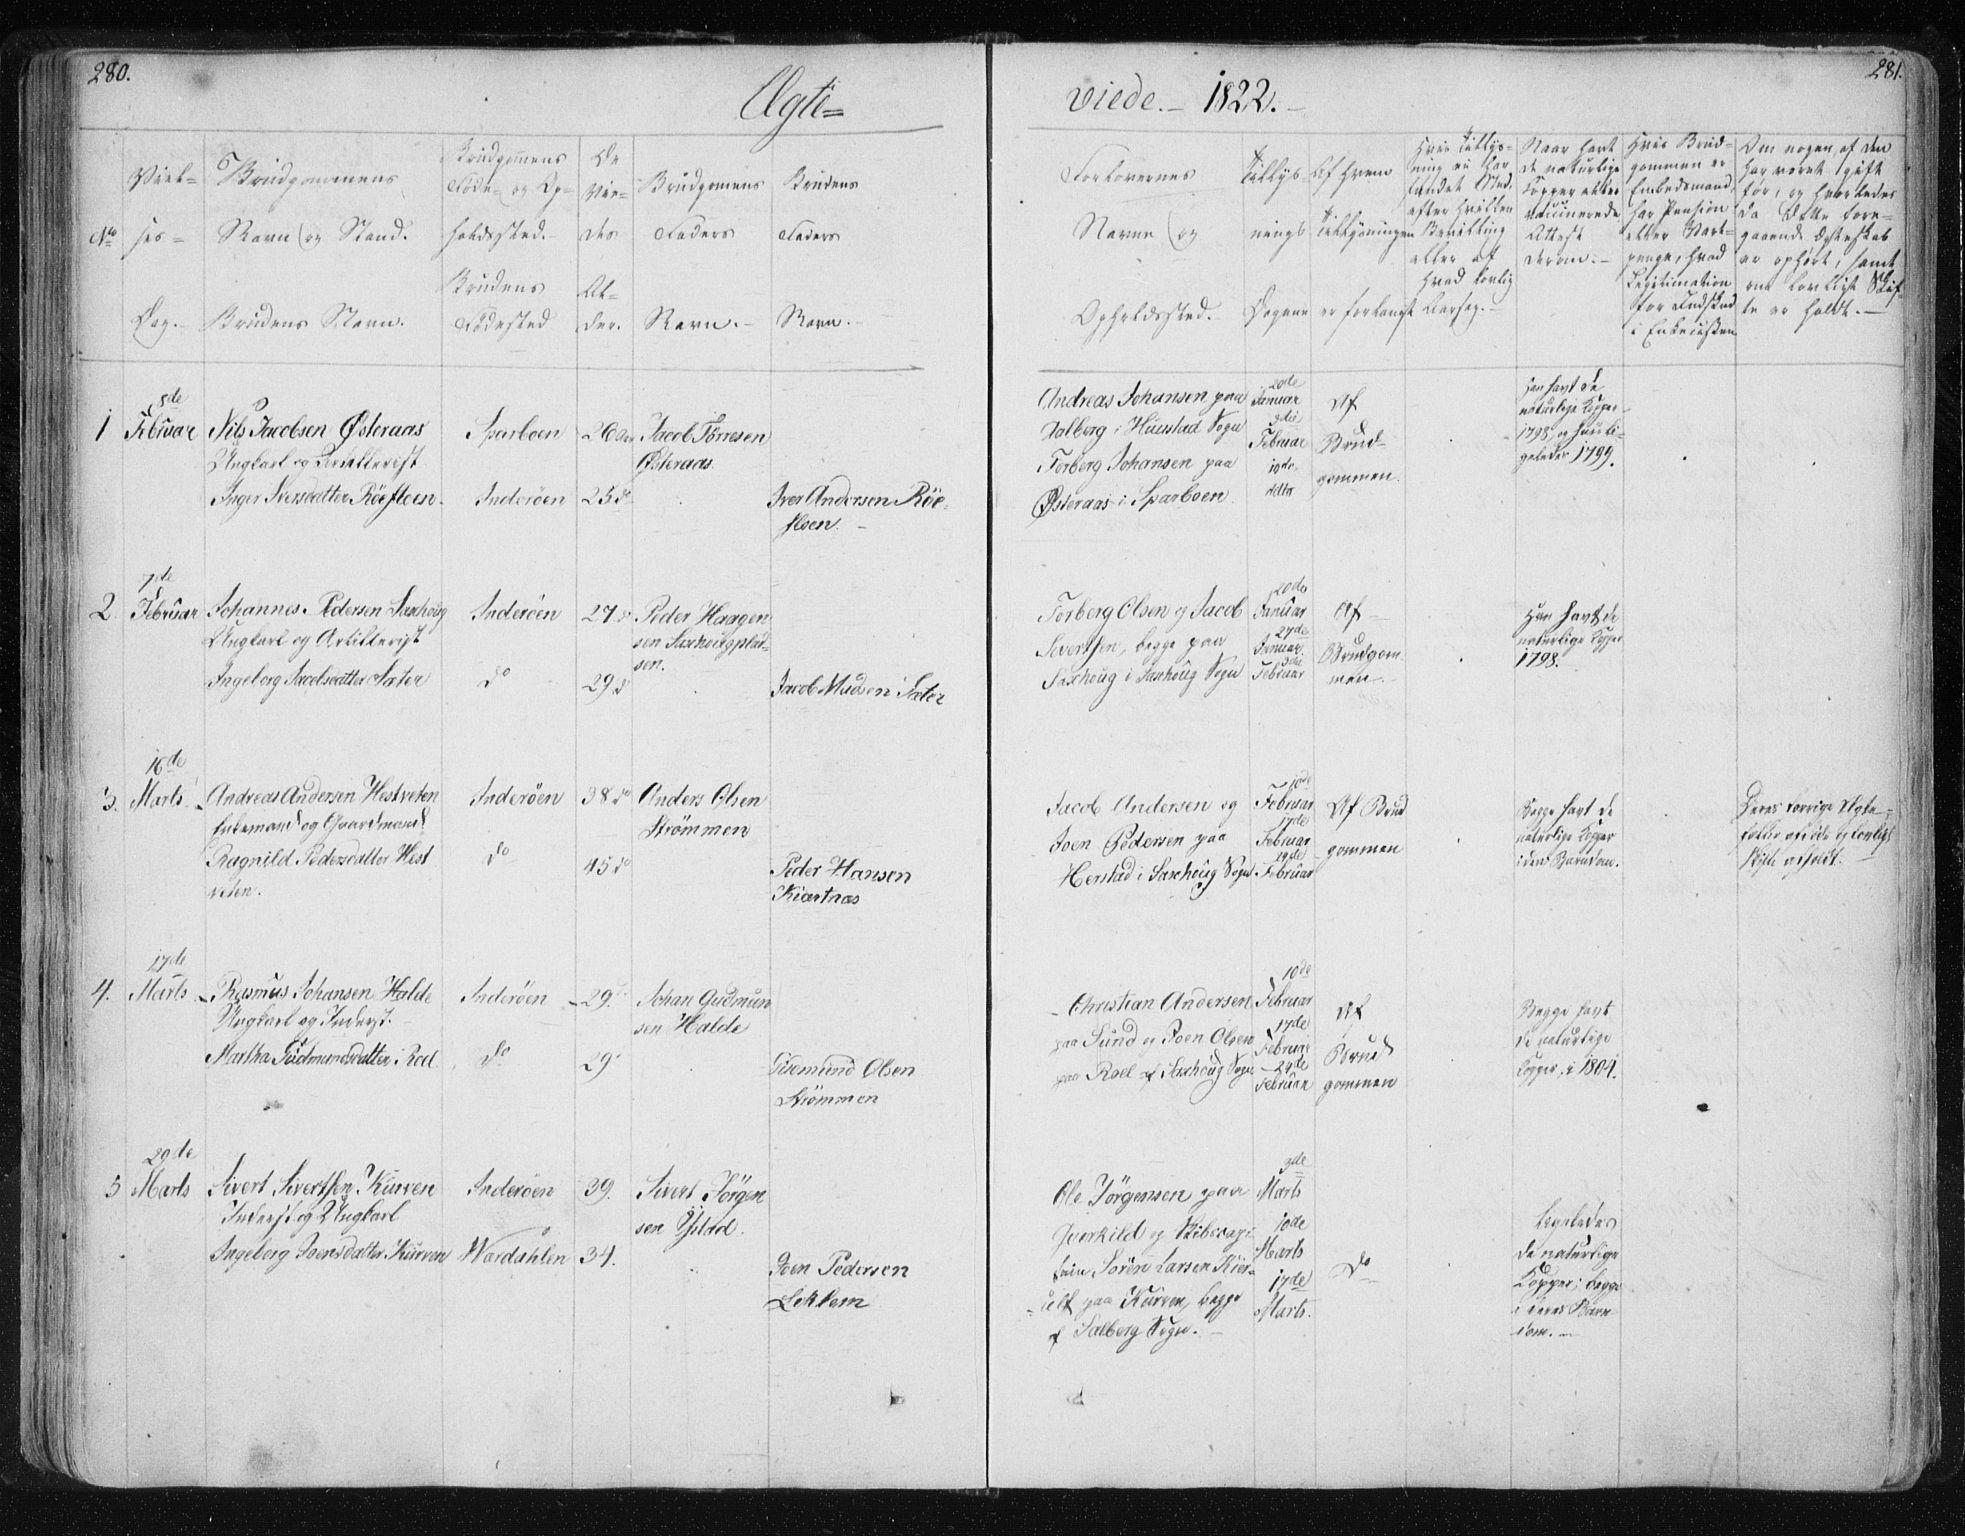 SAT, Ministerialprotokoller, klokkerbøker og fødselsregistre - Nord-Trøndelag, 730/L0276: Ministerialbok nr. 730A05, 1822-1830, s. 280-281